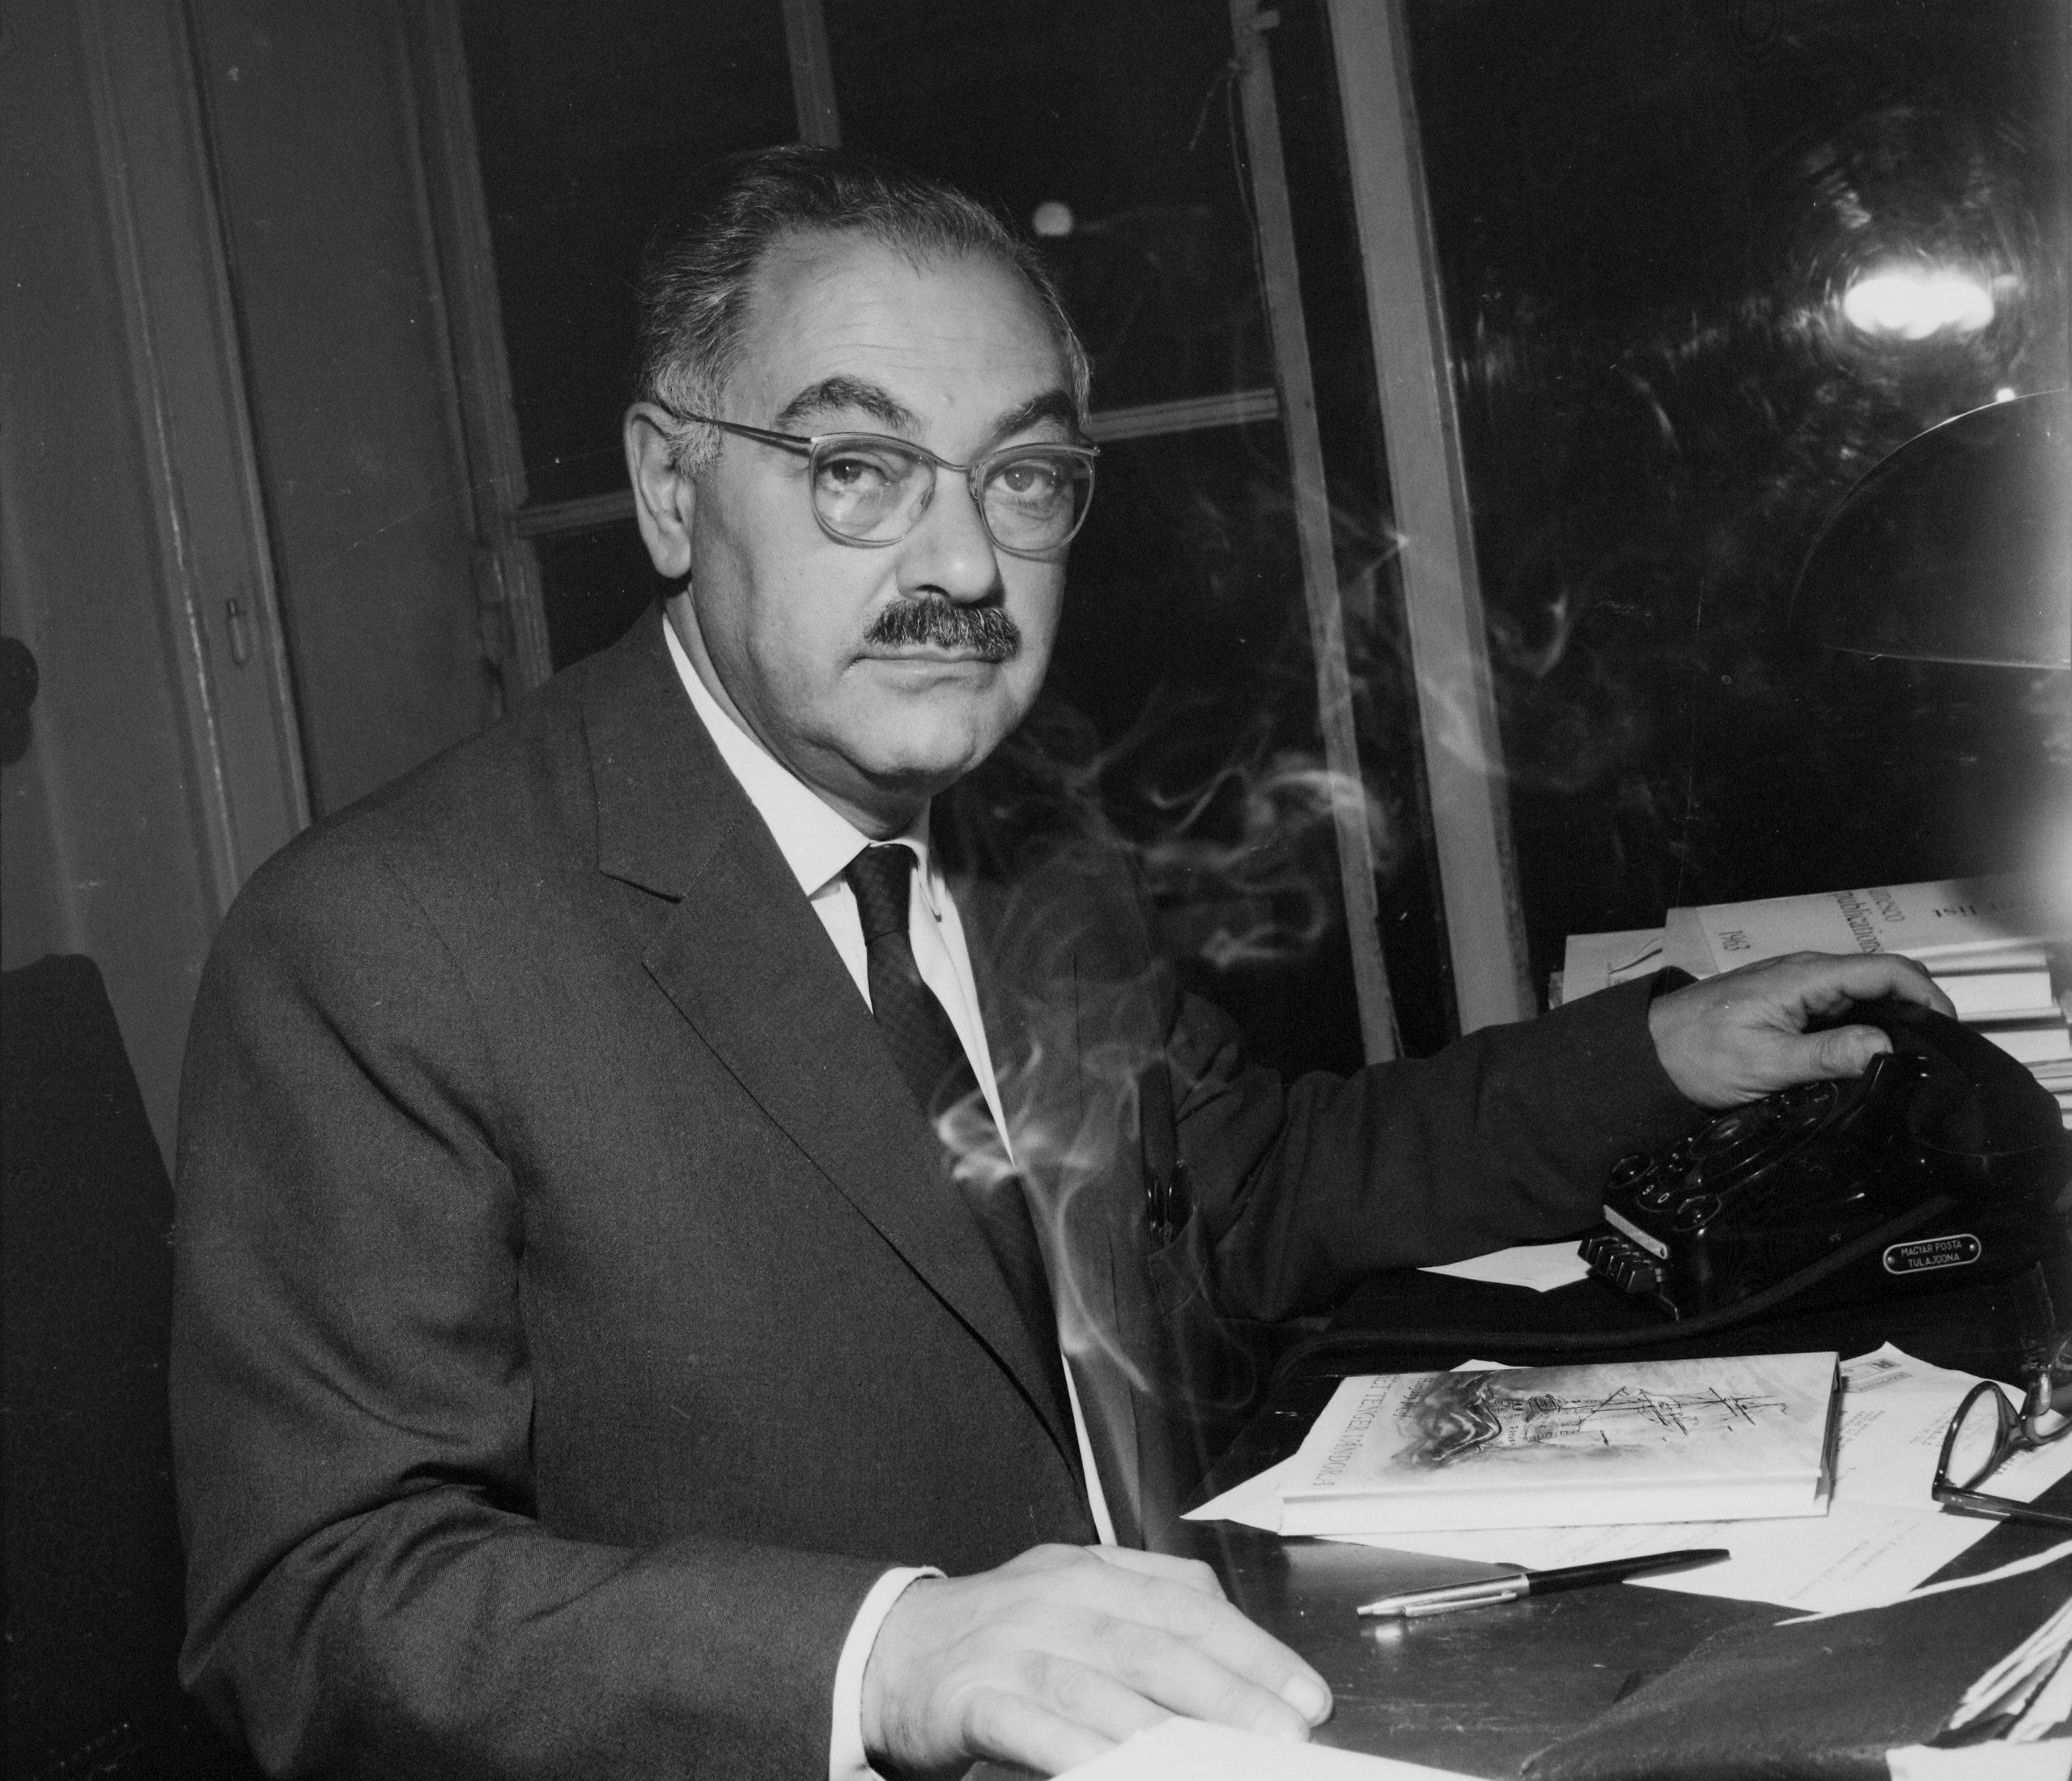 1964. Boldizsár Iván újságíró, propagandista, pártkatona / Fotó: Fortepan.hu / ad.: Hunyady József